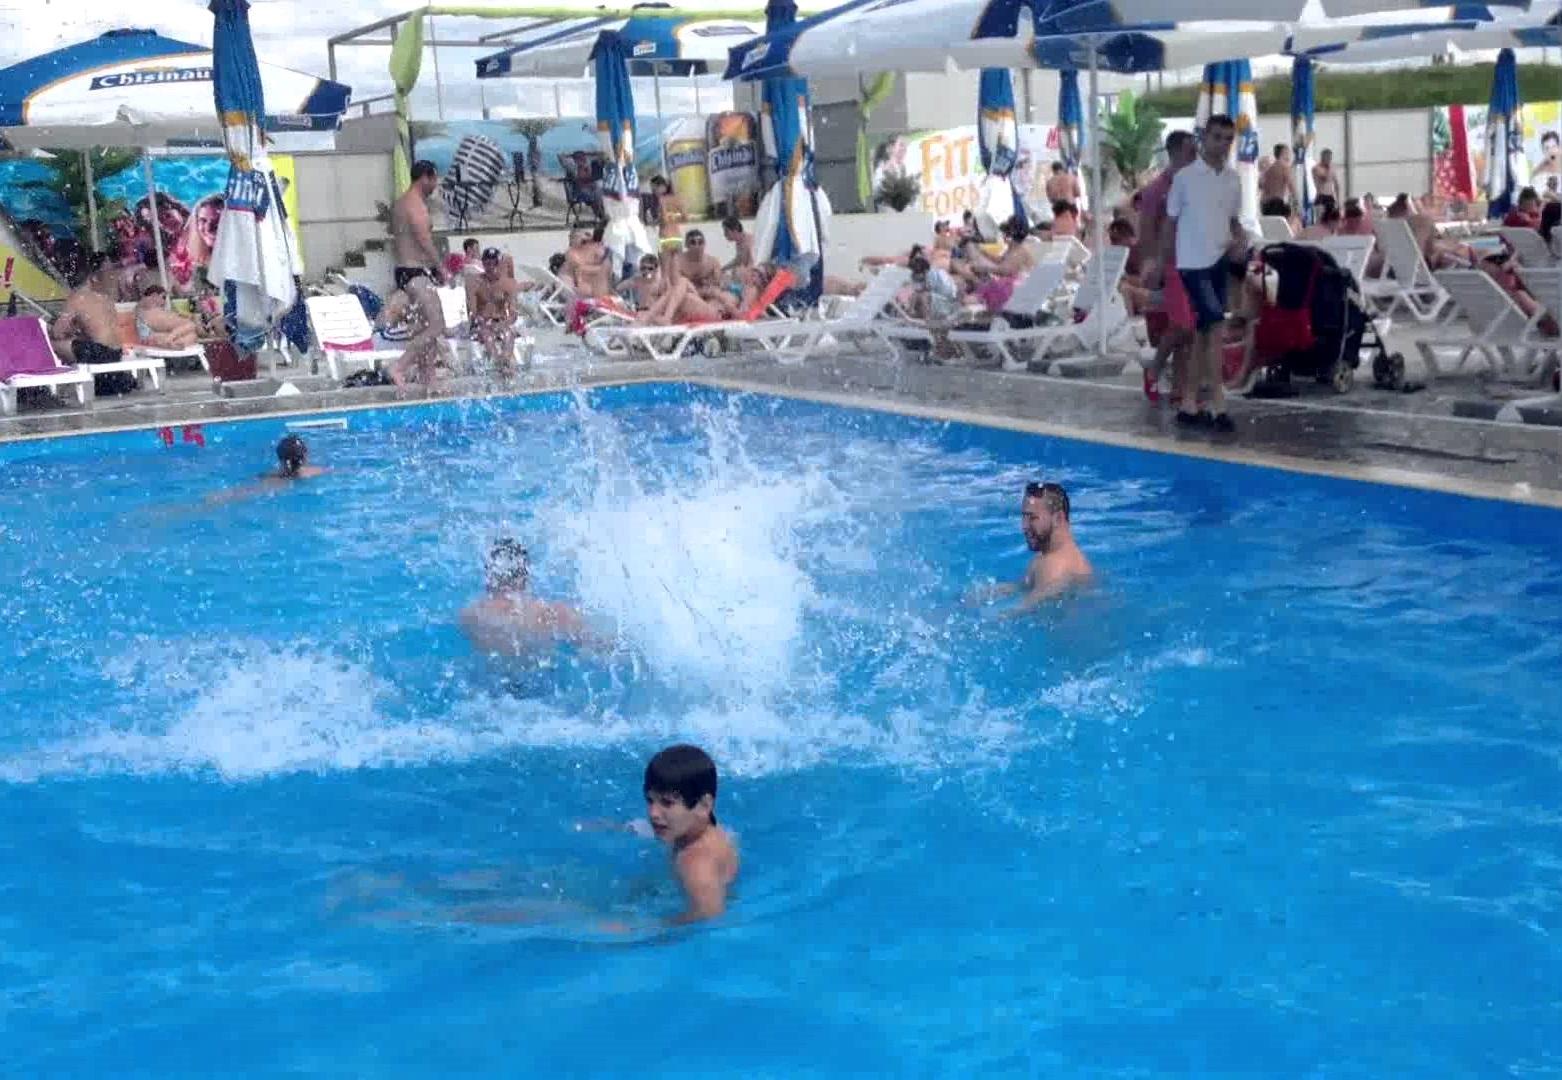 В Сороке юноша утонул в бассейне, а его приятель - в тяжелом состоянии в больнице